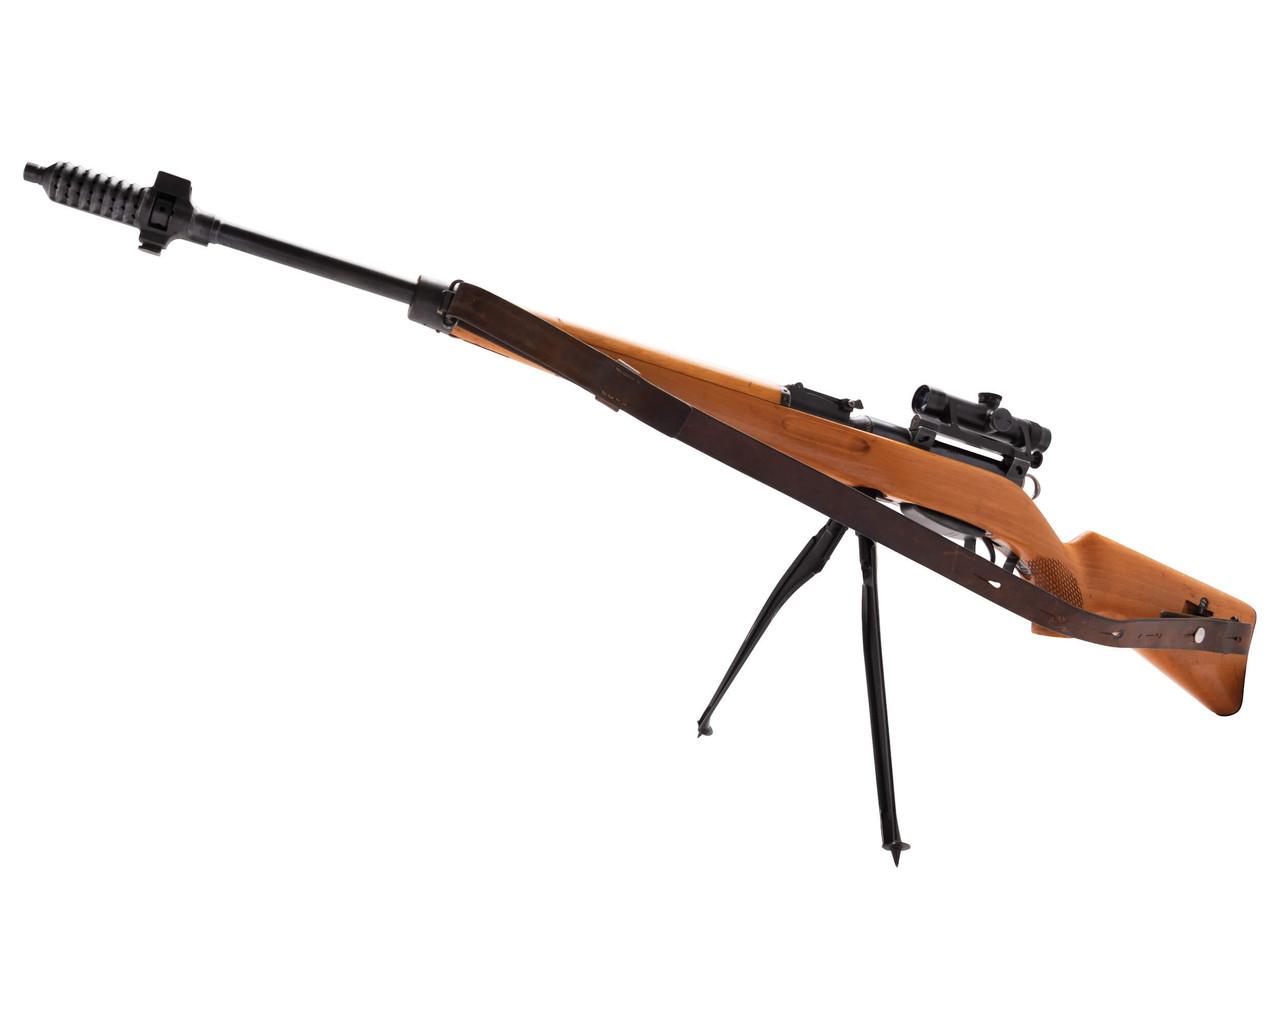 W+F Bern Swiss ZFK 55 w/ Bayonet & Armorer's Kit - sn 2xx7